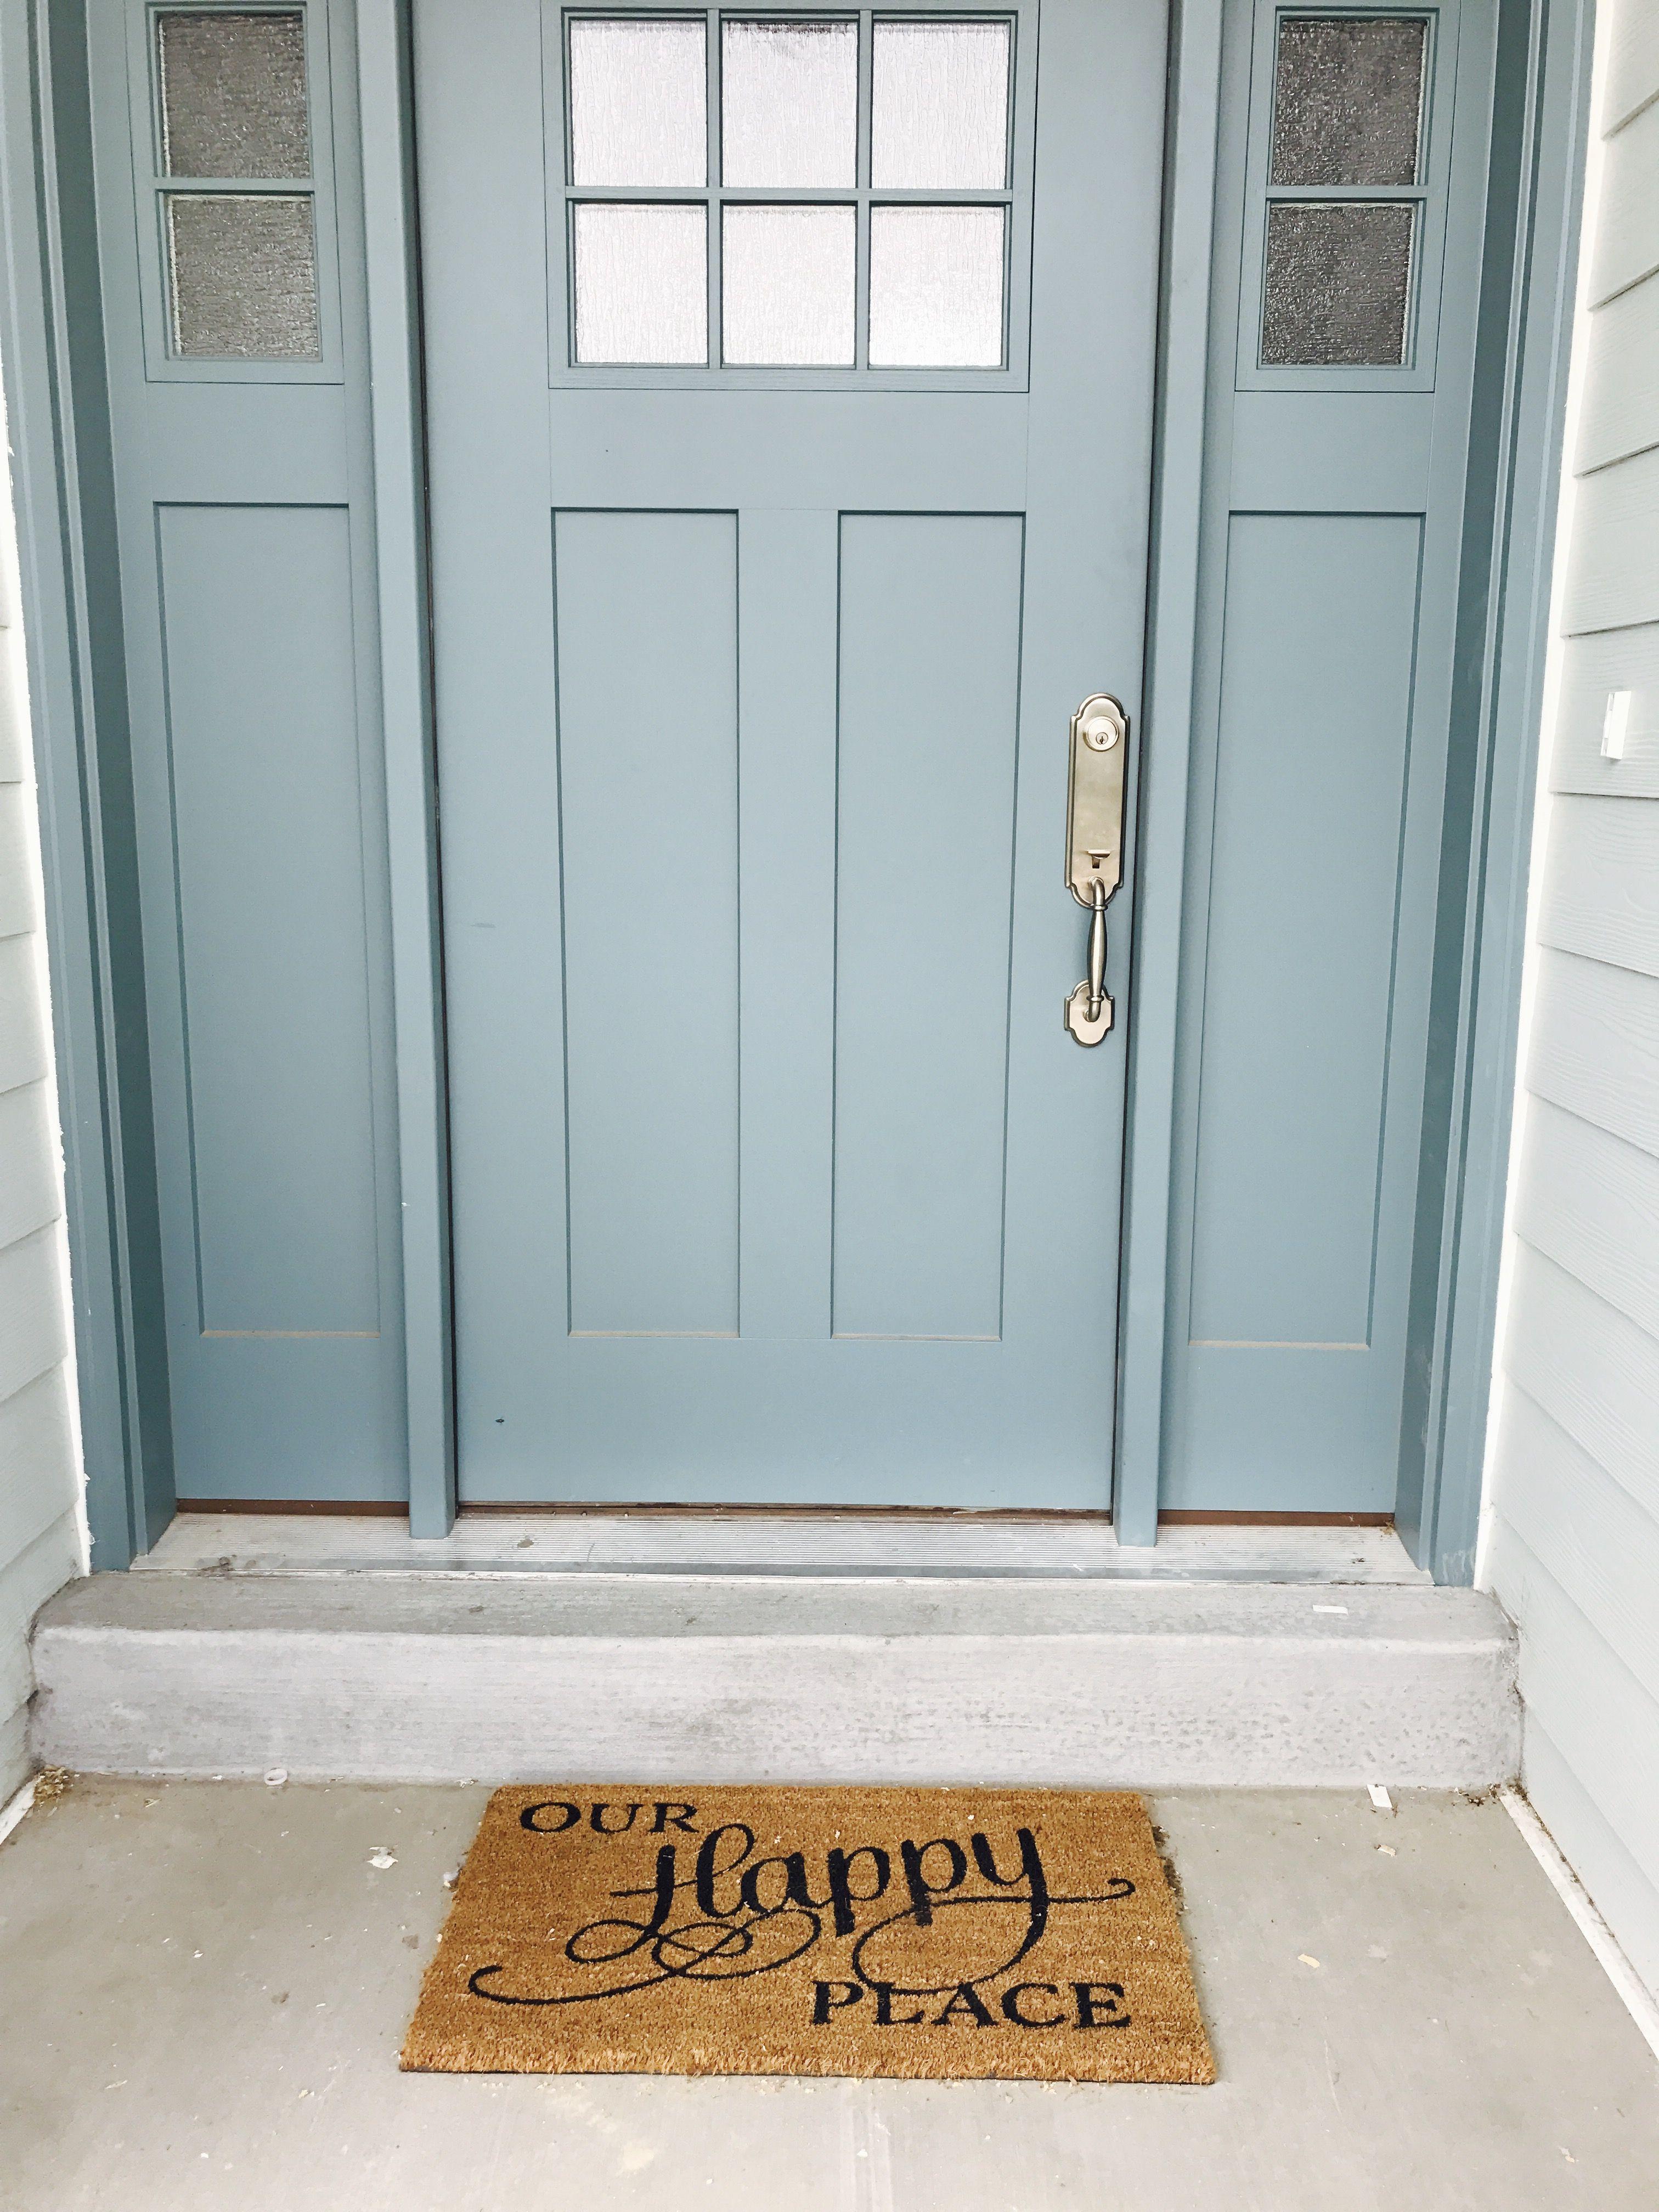 this craftman door color is aegean teal by sherwin williams front door blue door it has side. Black Bedroom Furniture Sets. Home Design Ideas